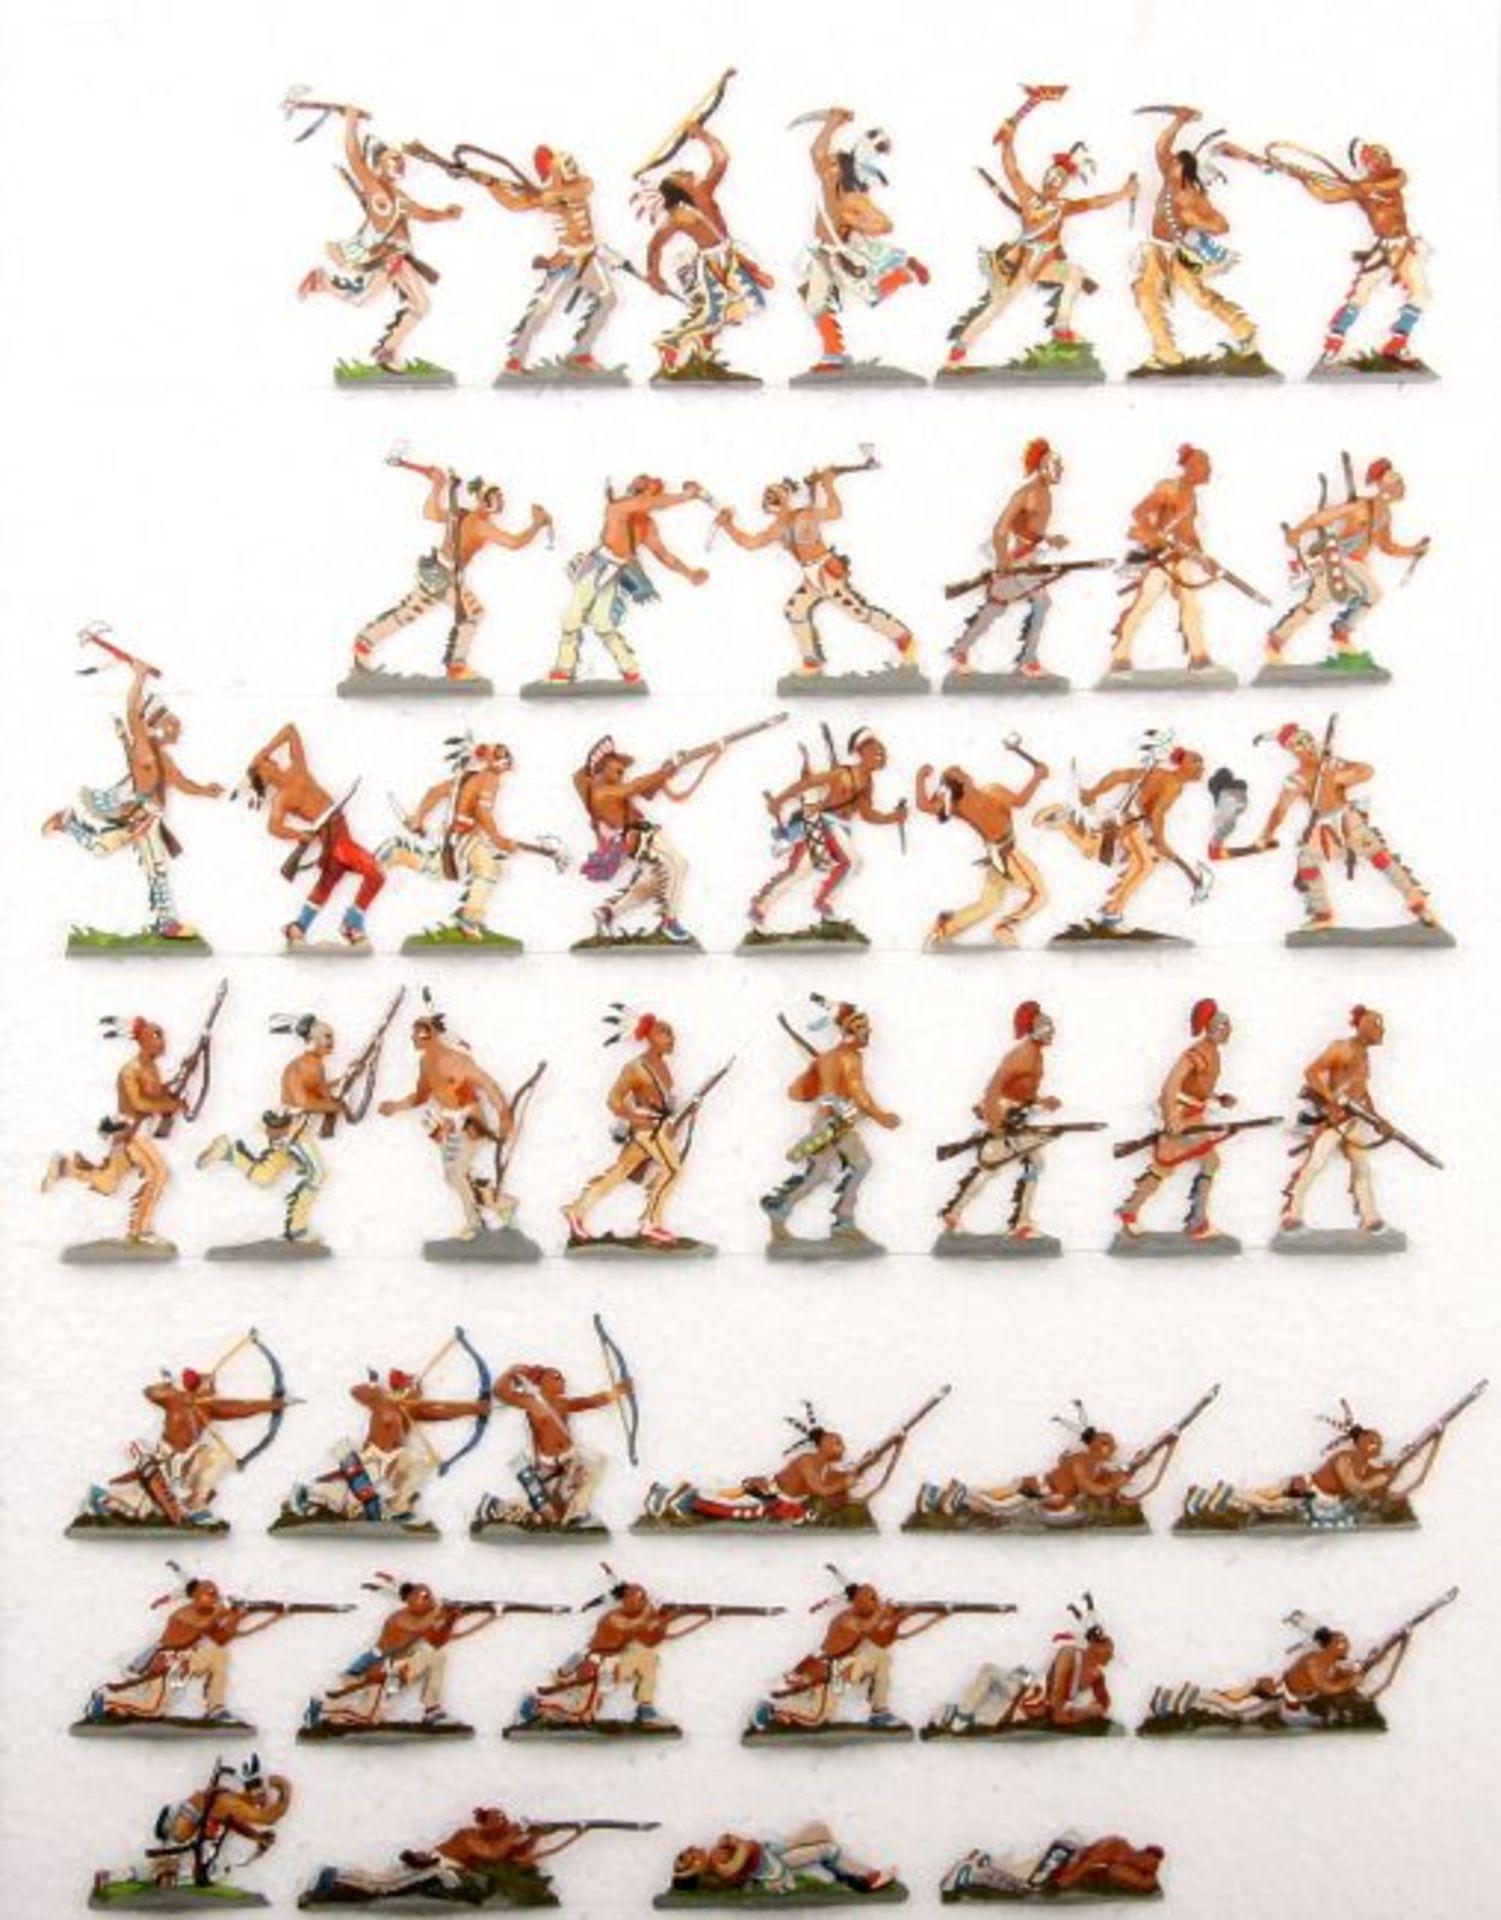 USA 18./19. Jahrhundert, Indianer, Huronen im Kampf, meist Loy, gute, schattierte Bemalung, 59